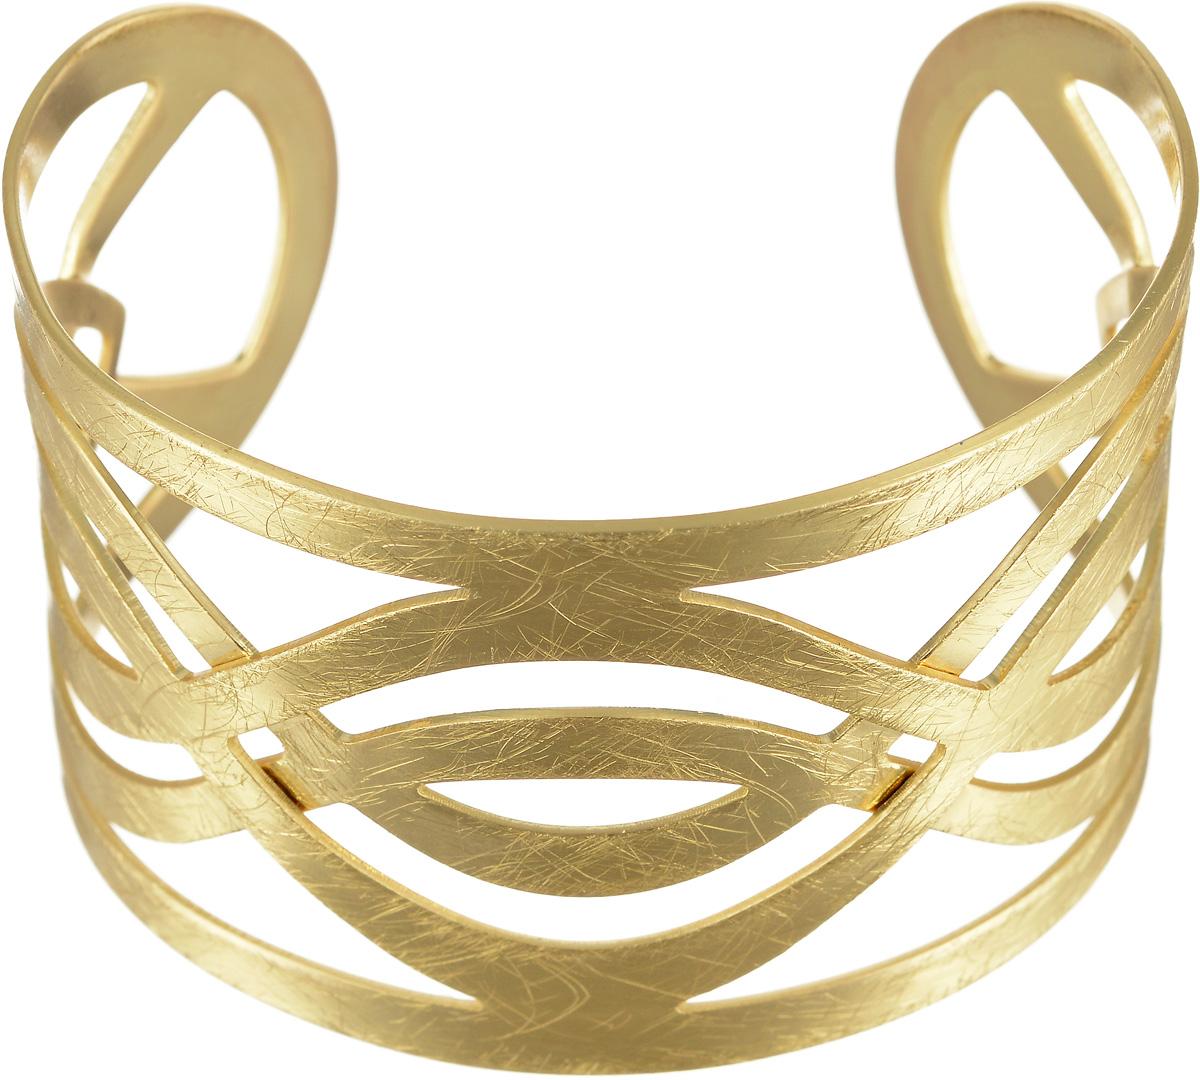 Браслет Selena Afrodita, цвет: золотистый. 4007830040078300Браслет Selena Afrodita выполнен из латуни с гальваническим покрытием золотом. Жесткая конструкция изделия делает женское запястье нежным и хрупким. Надев его, вы всегда будете в центре внимания. Греческий стиль - прямые силуэты, струящиеся однотонные ткани, сандалии - модный тренд последнего времени. И конечно, греческий образ будет незавершенным без специально подобранных украшений. Изделия из коллекции Afrodita - это не просто классические украшения, а выразительные аксессуары с характером, которые обращают на себя внимание.